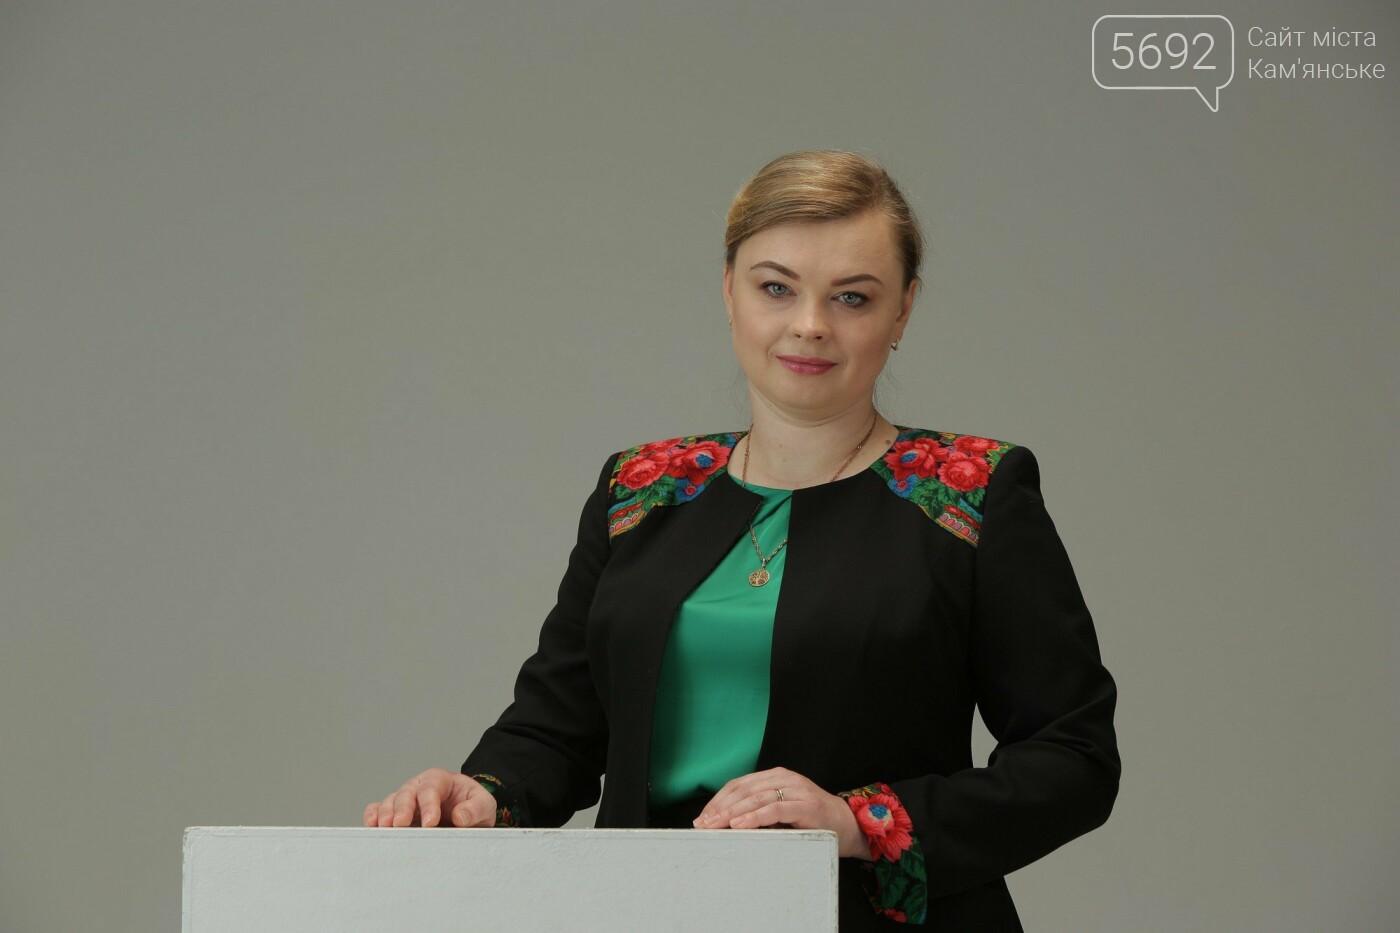 Анна Личман: Есть четкий план решения проблем Каменского, фото-1